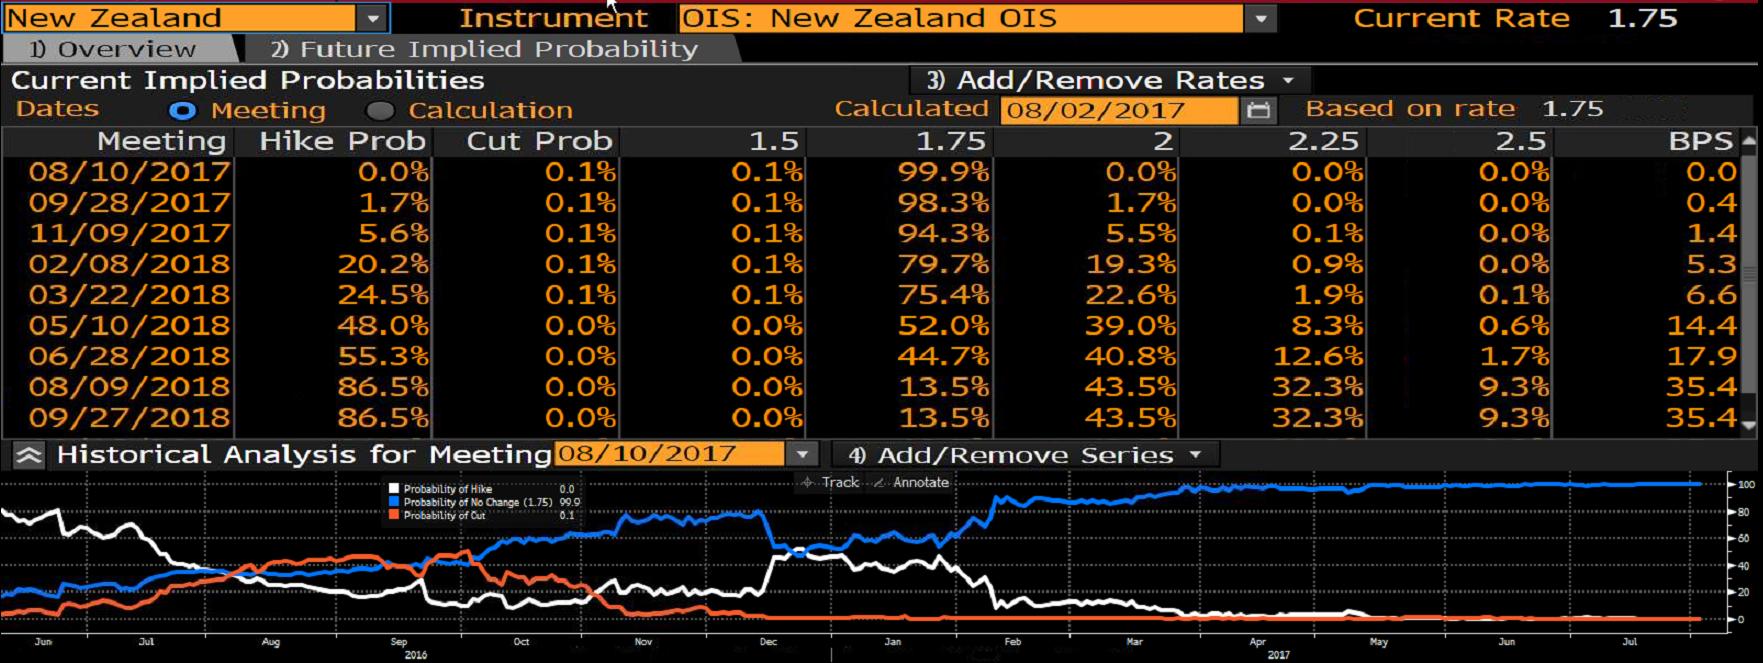 Prawdopodobieństwo podwyżki stóp procentowych w Nowej Zelandii